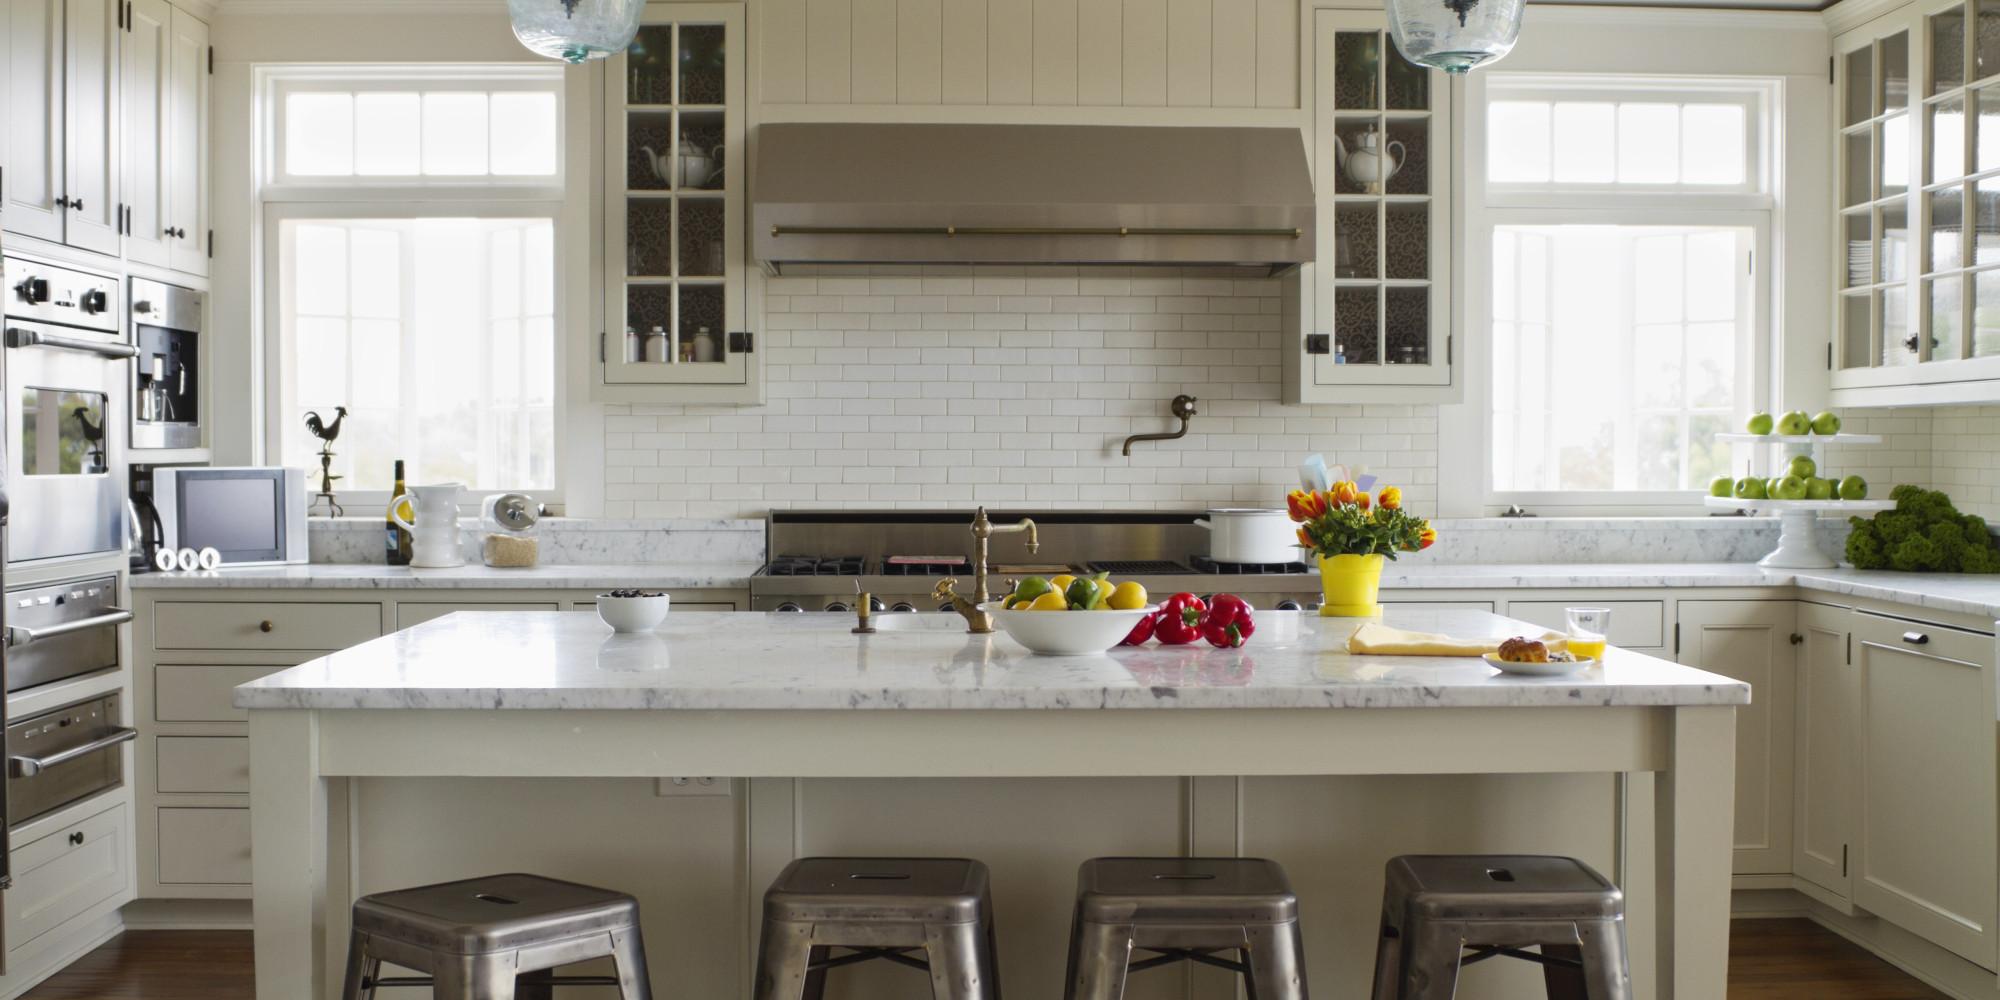 Kitchen 2014 Home Design